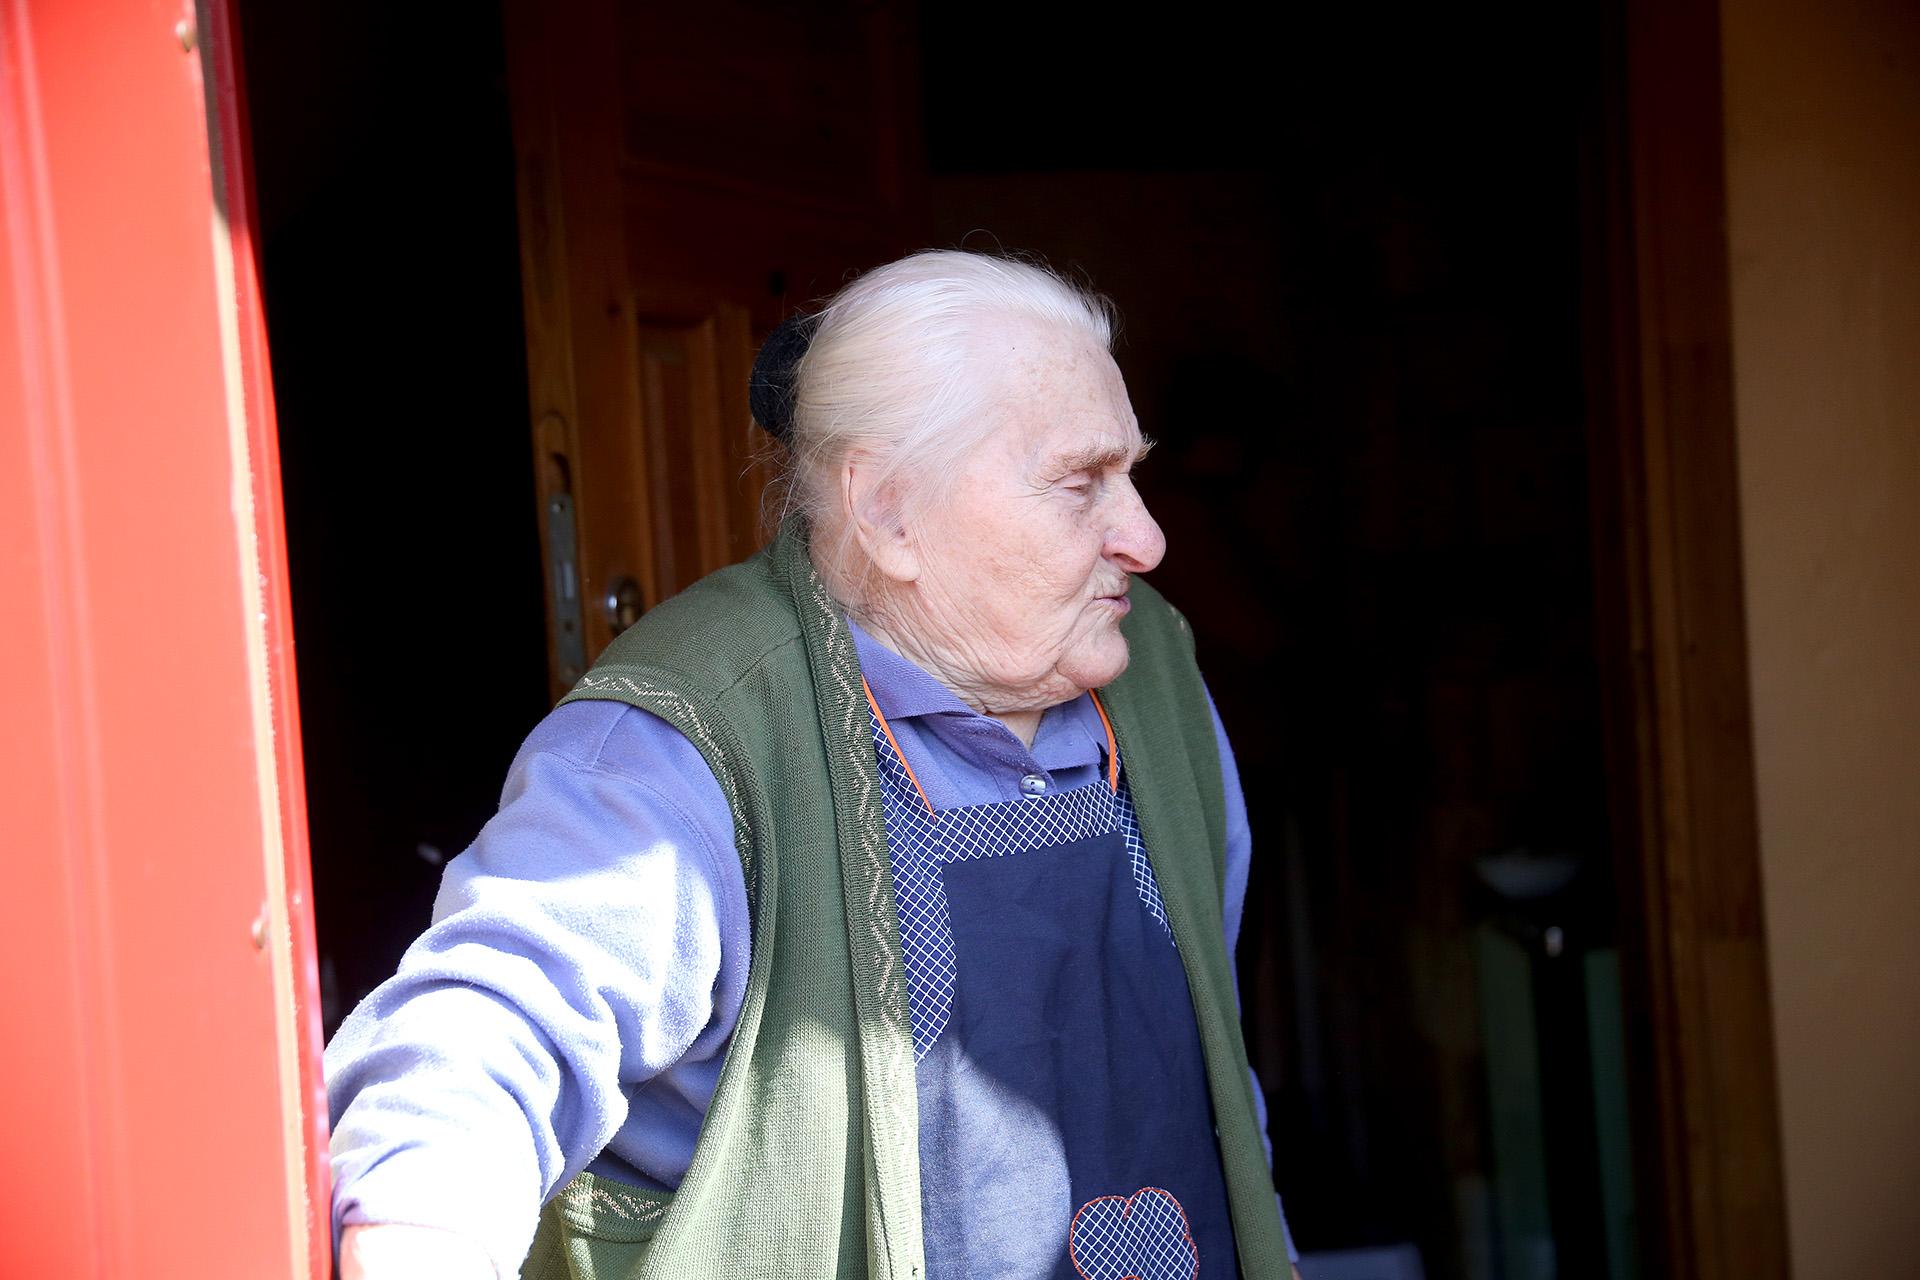 Sutinkame kaime jau daugybę metų gyvenančią garbaus amžiaus senjorę Aleksandrą. A. Barzdžiaus nuotr.